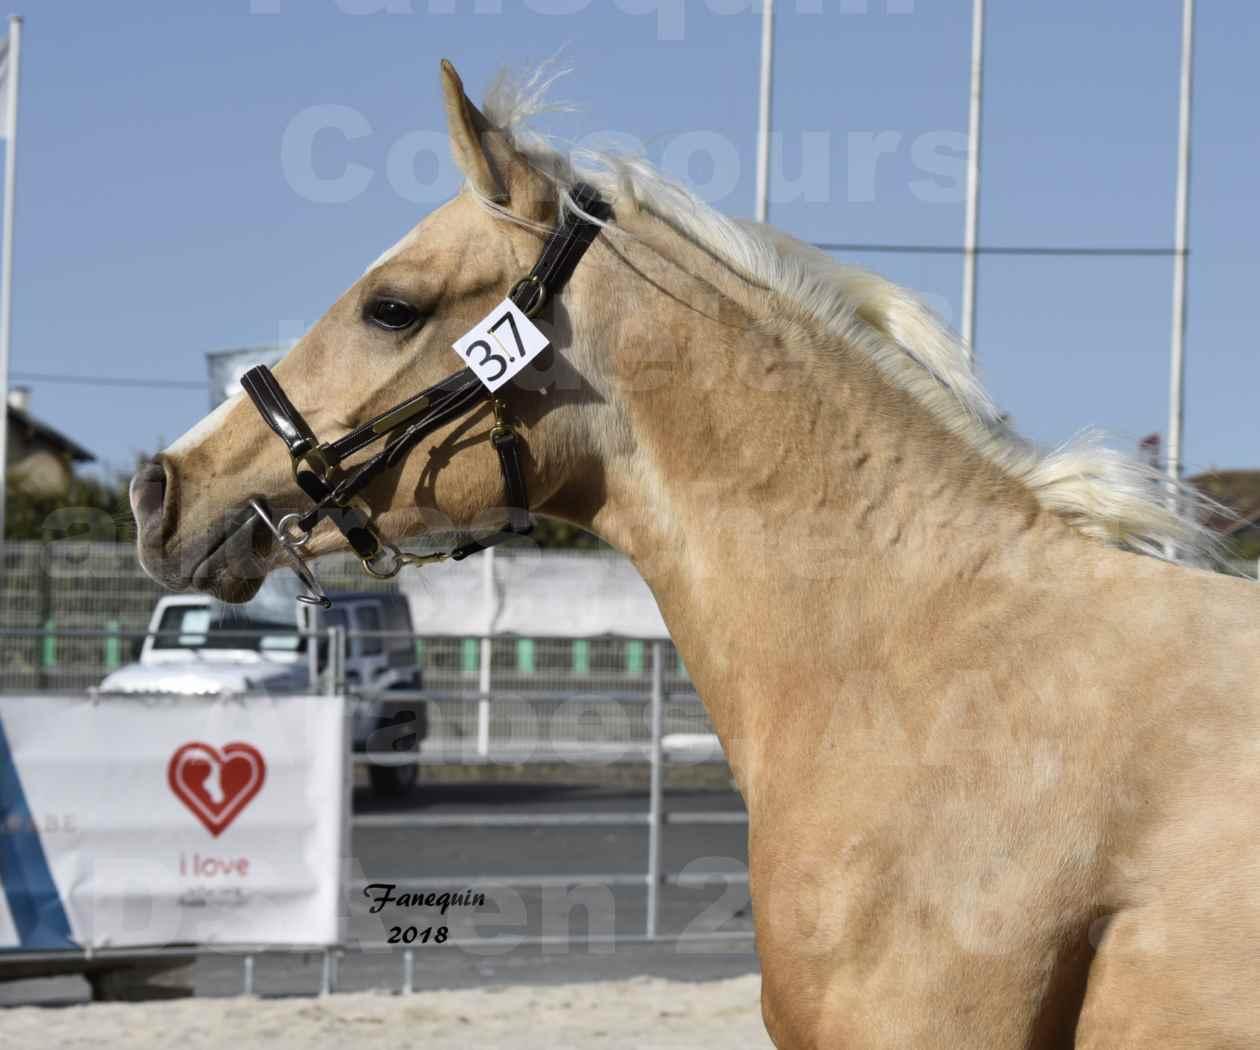 Concours d'élevage de Chevaux Arabes - Demi Sang Arabes - Anglo Arabes - ALBI les 6 & 7 Avril 2018 - GOLD DE DARRE - Notre Sélection - Portraits - 4